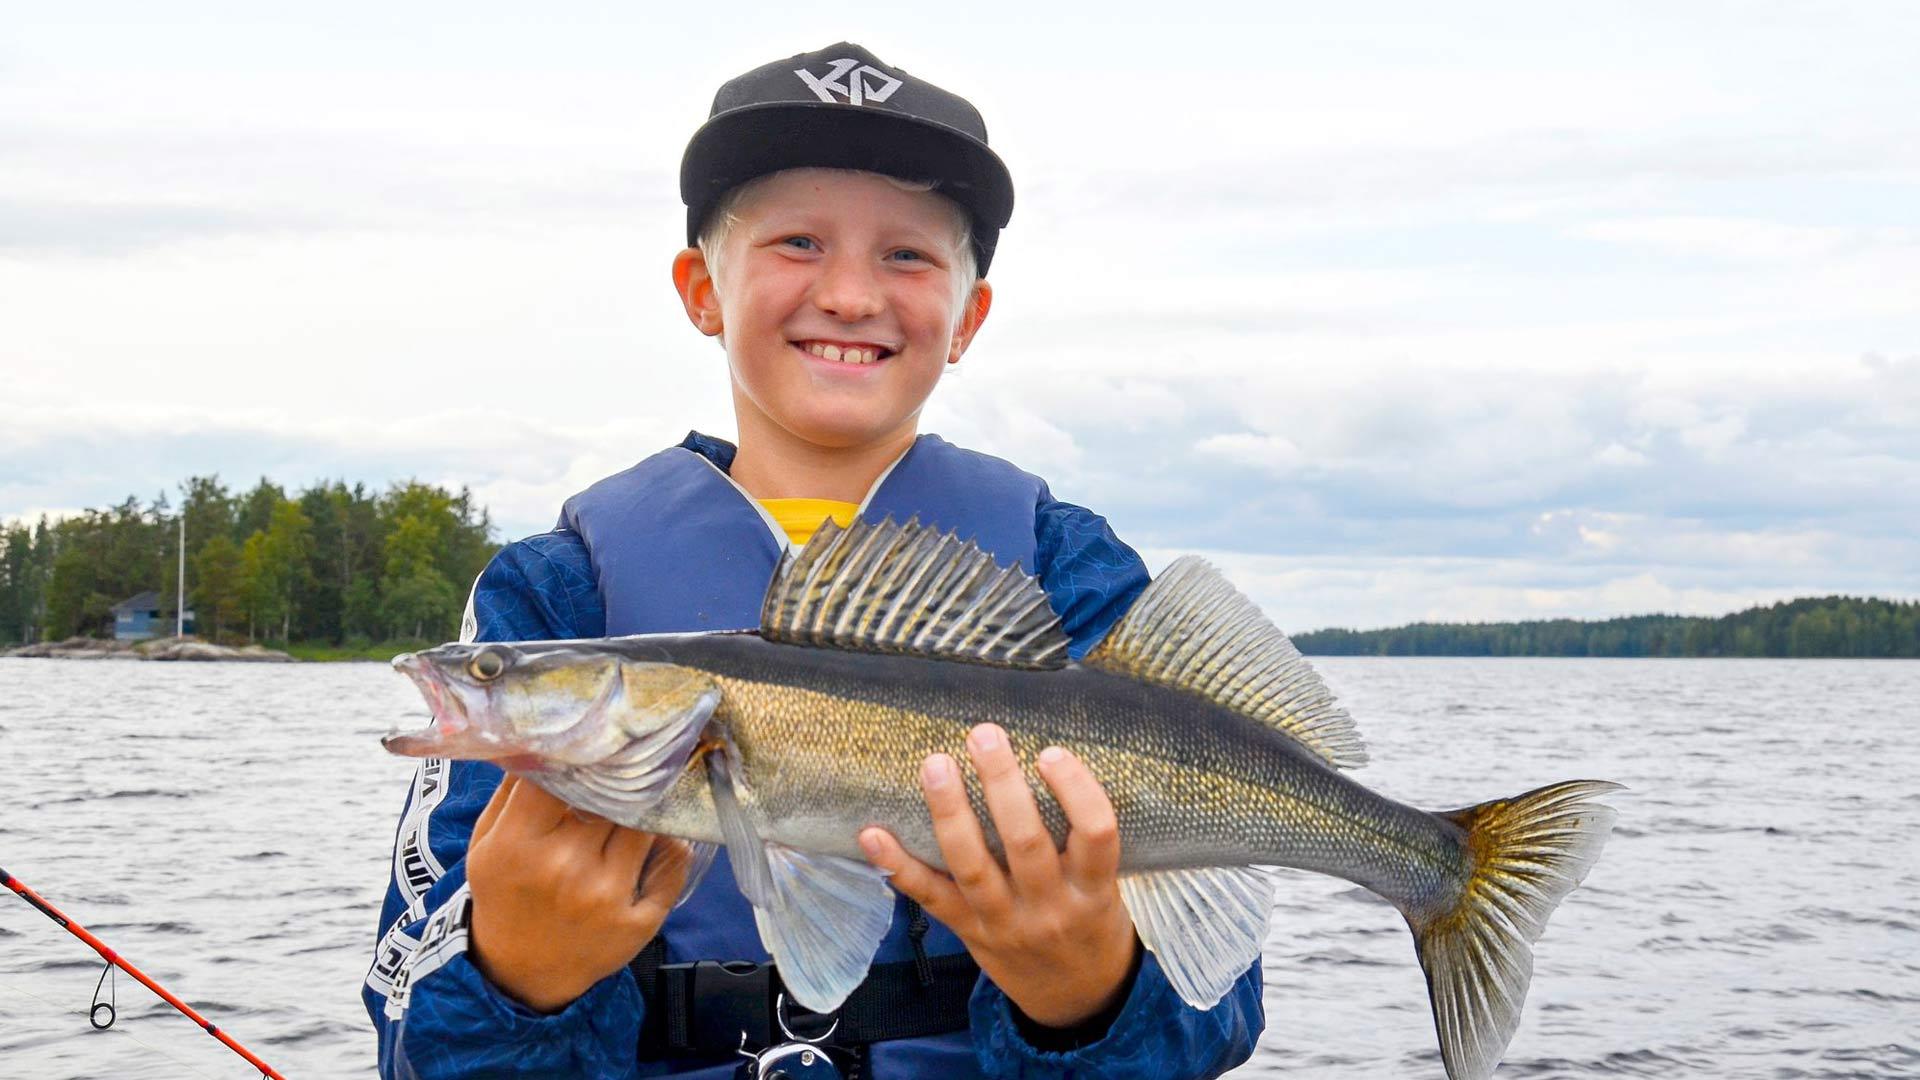 Kalastus on jännittävä harrastus. Oiva Heino esittelee ja jigillä pyydettyä kuhaa.